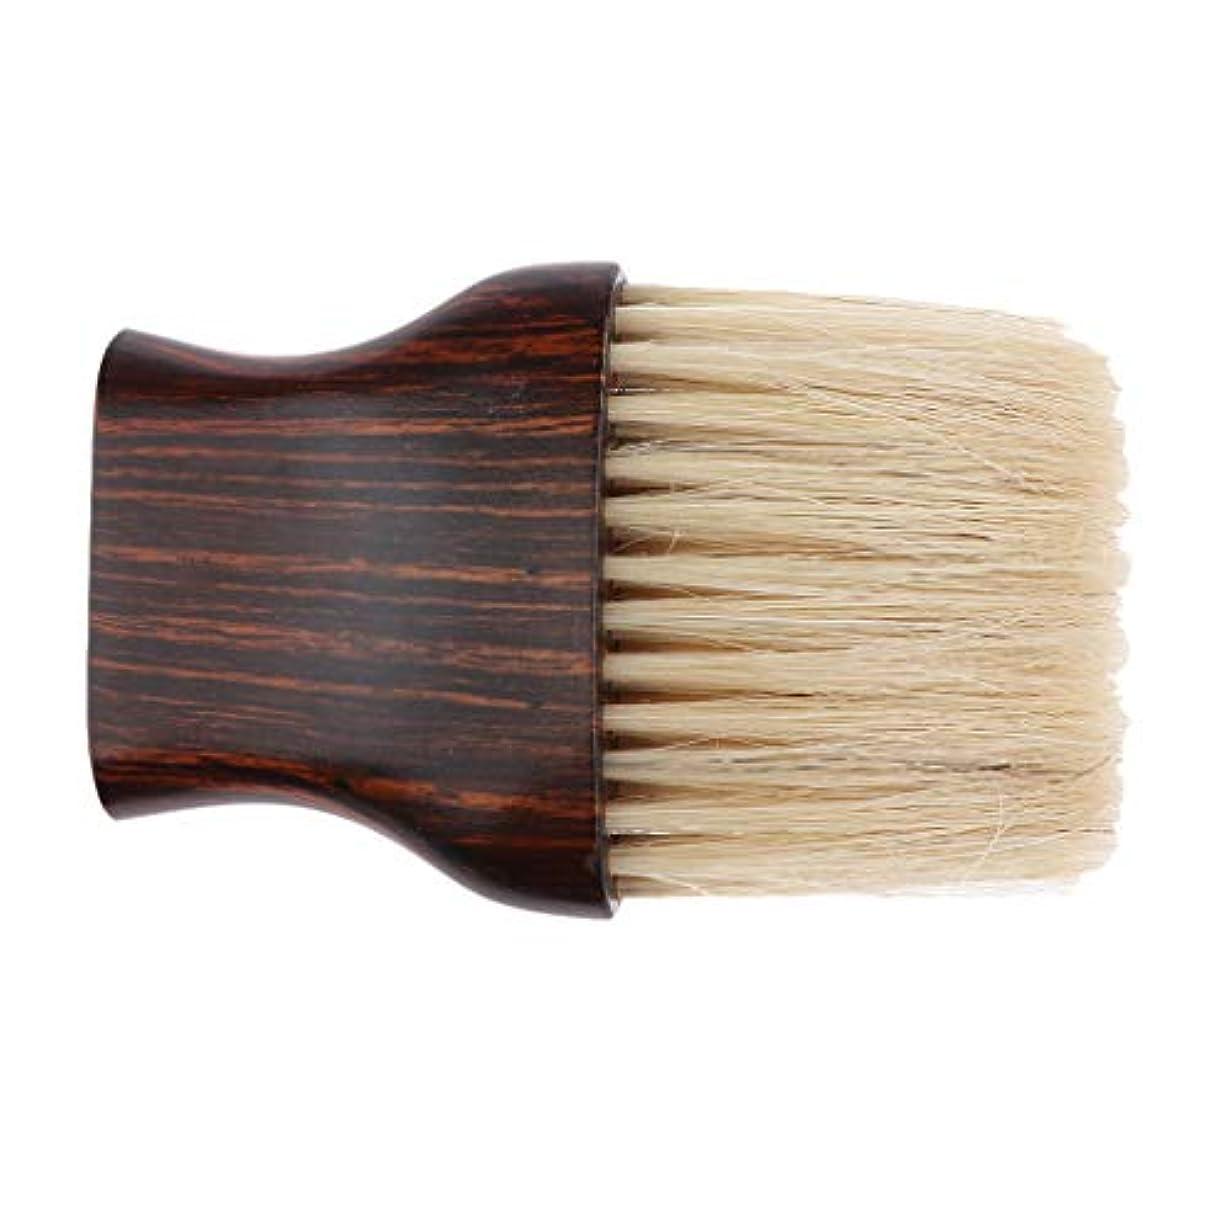 樹皮堤防オリエントヘアブラシ 毛払いブラシ 木製ハンドル 散髪 髪切り 散髪用ツール 理髪店 美容院 ソフトブラシ